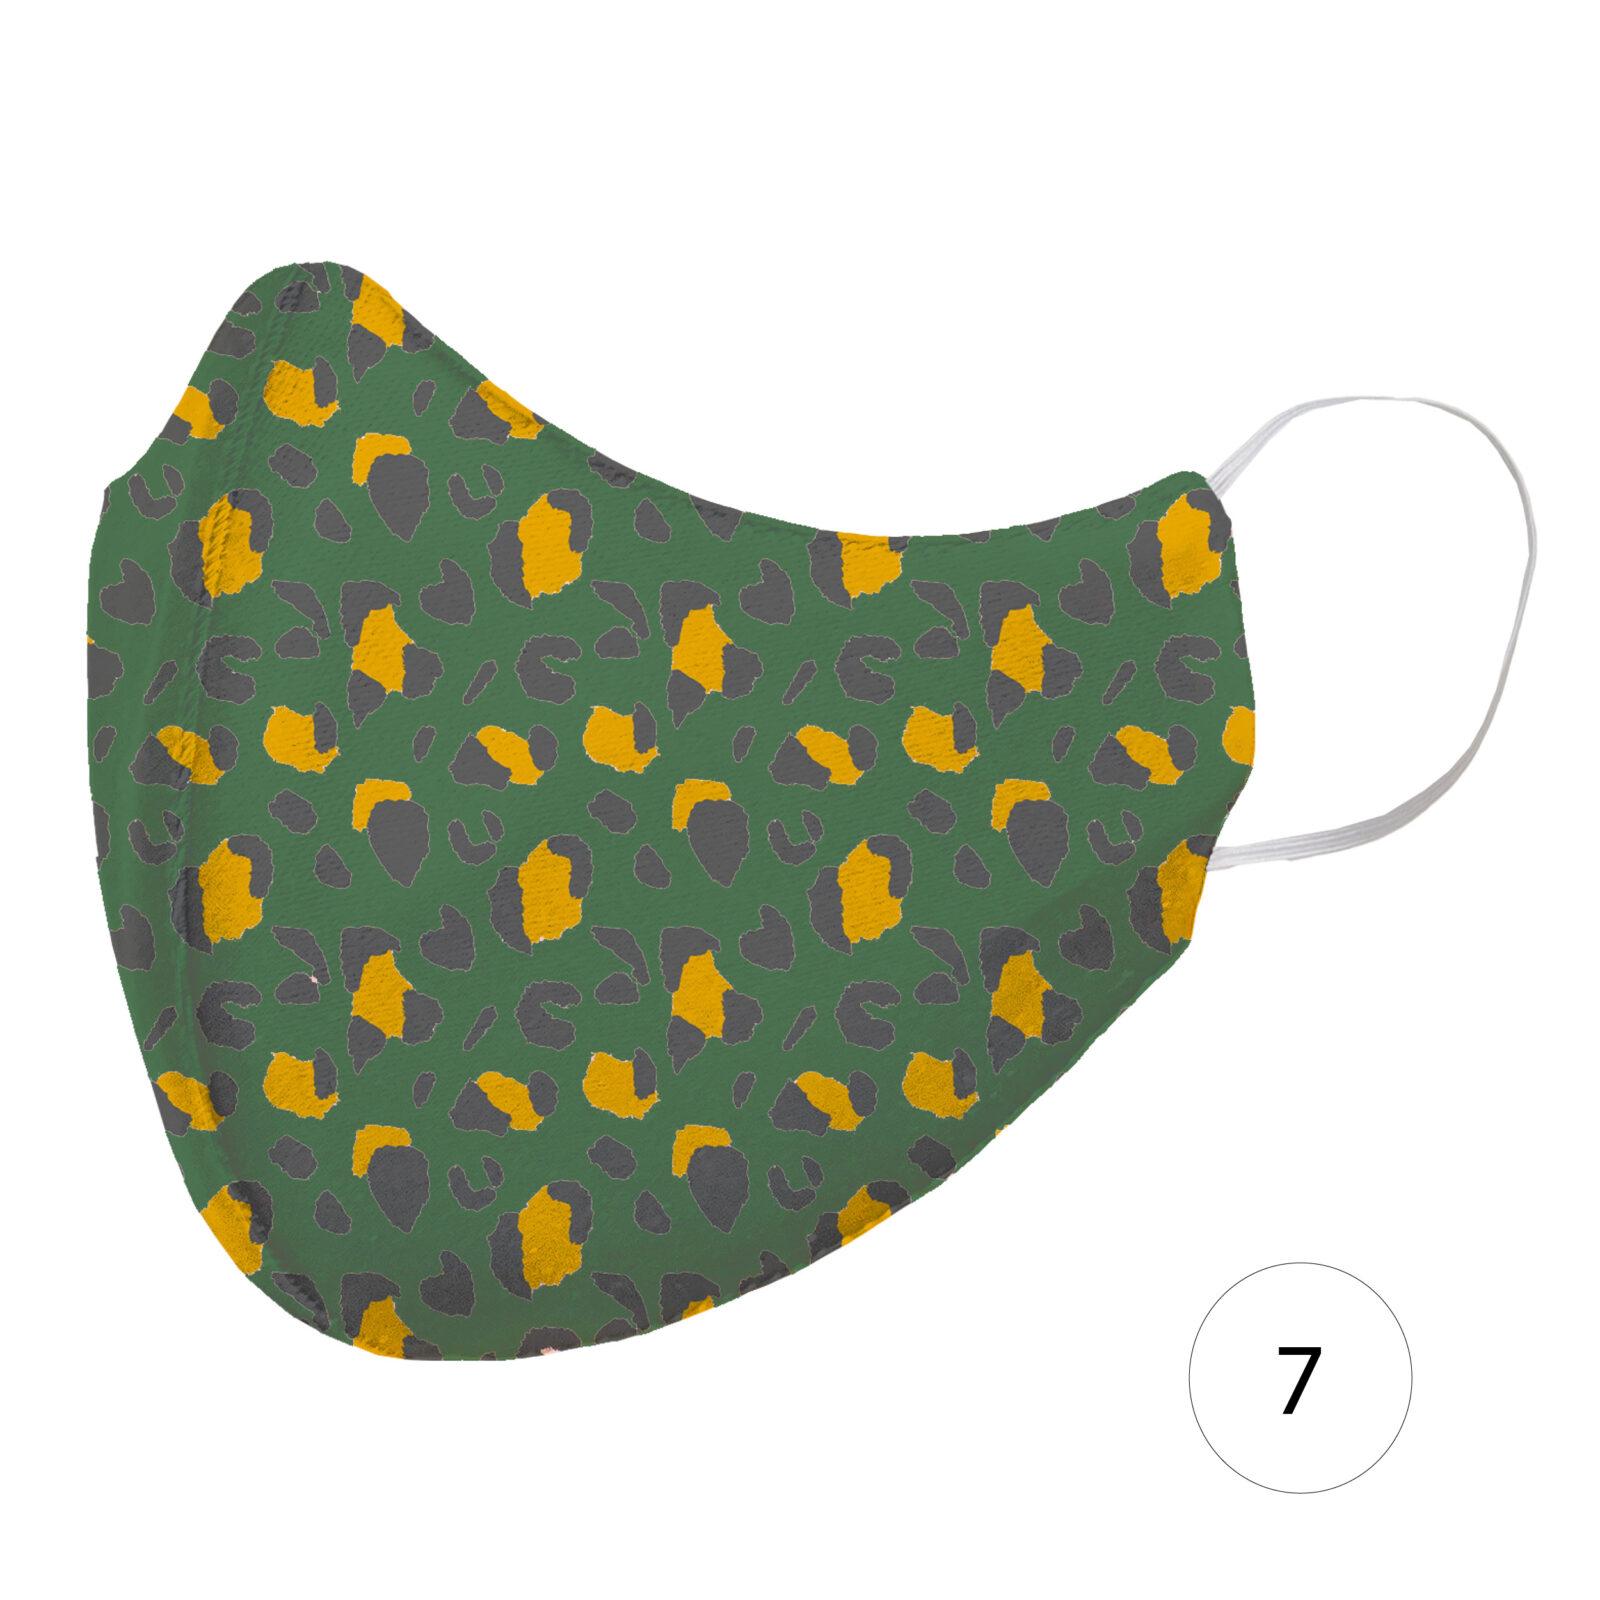 Olive leopard mask